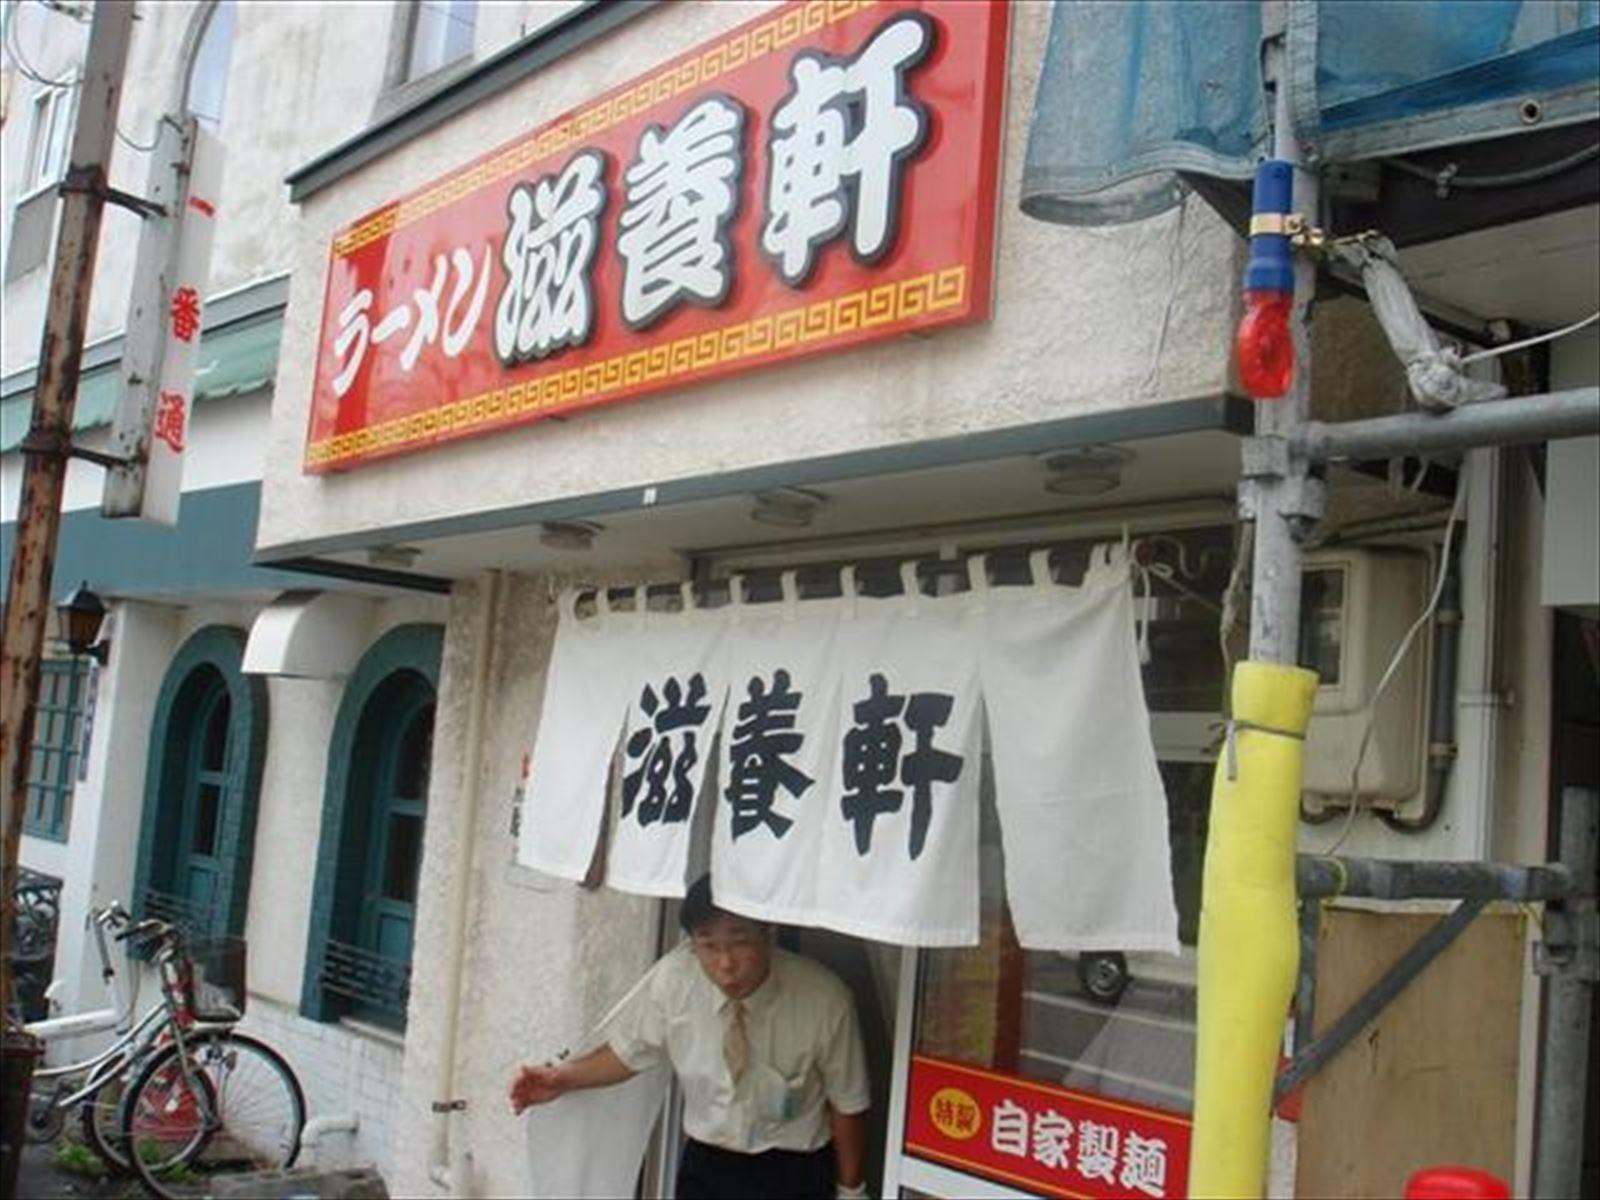 2006-07-15_13.43.05佐藤 (小).JPG